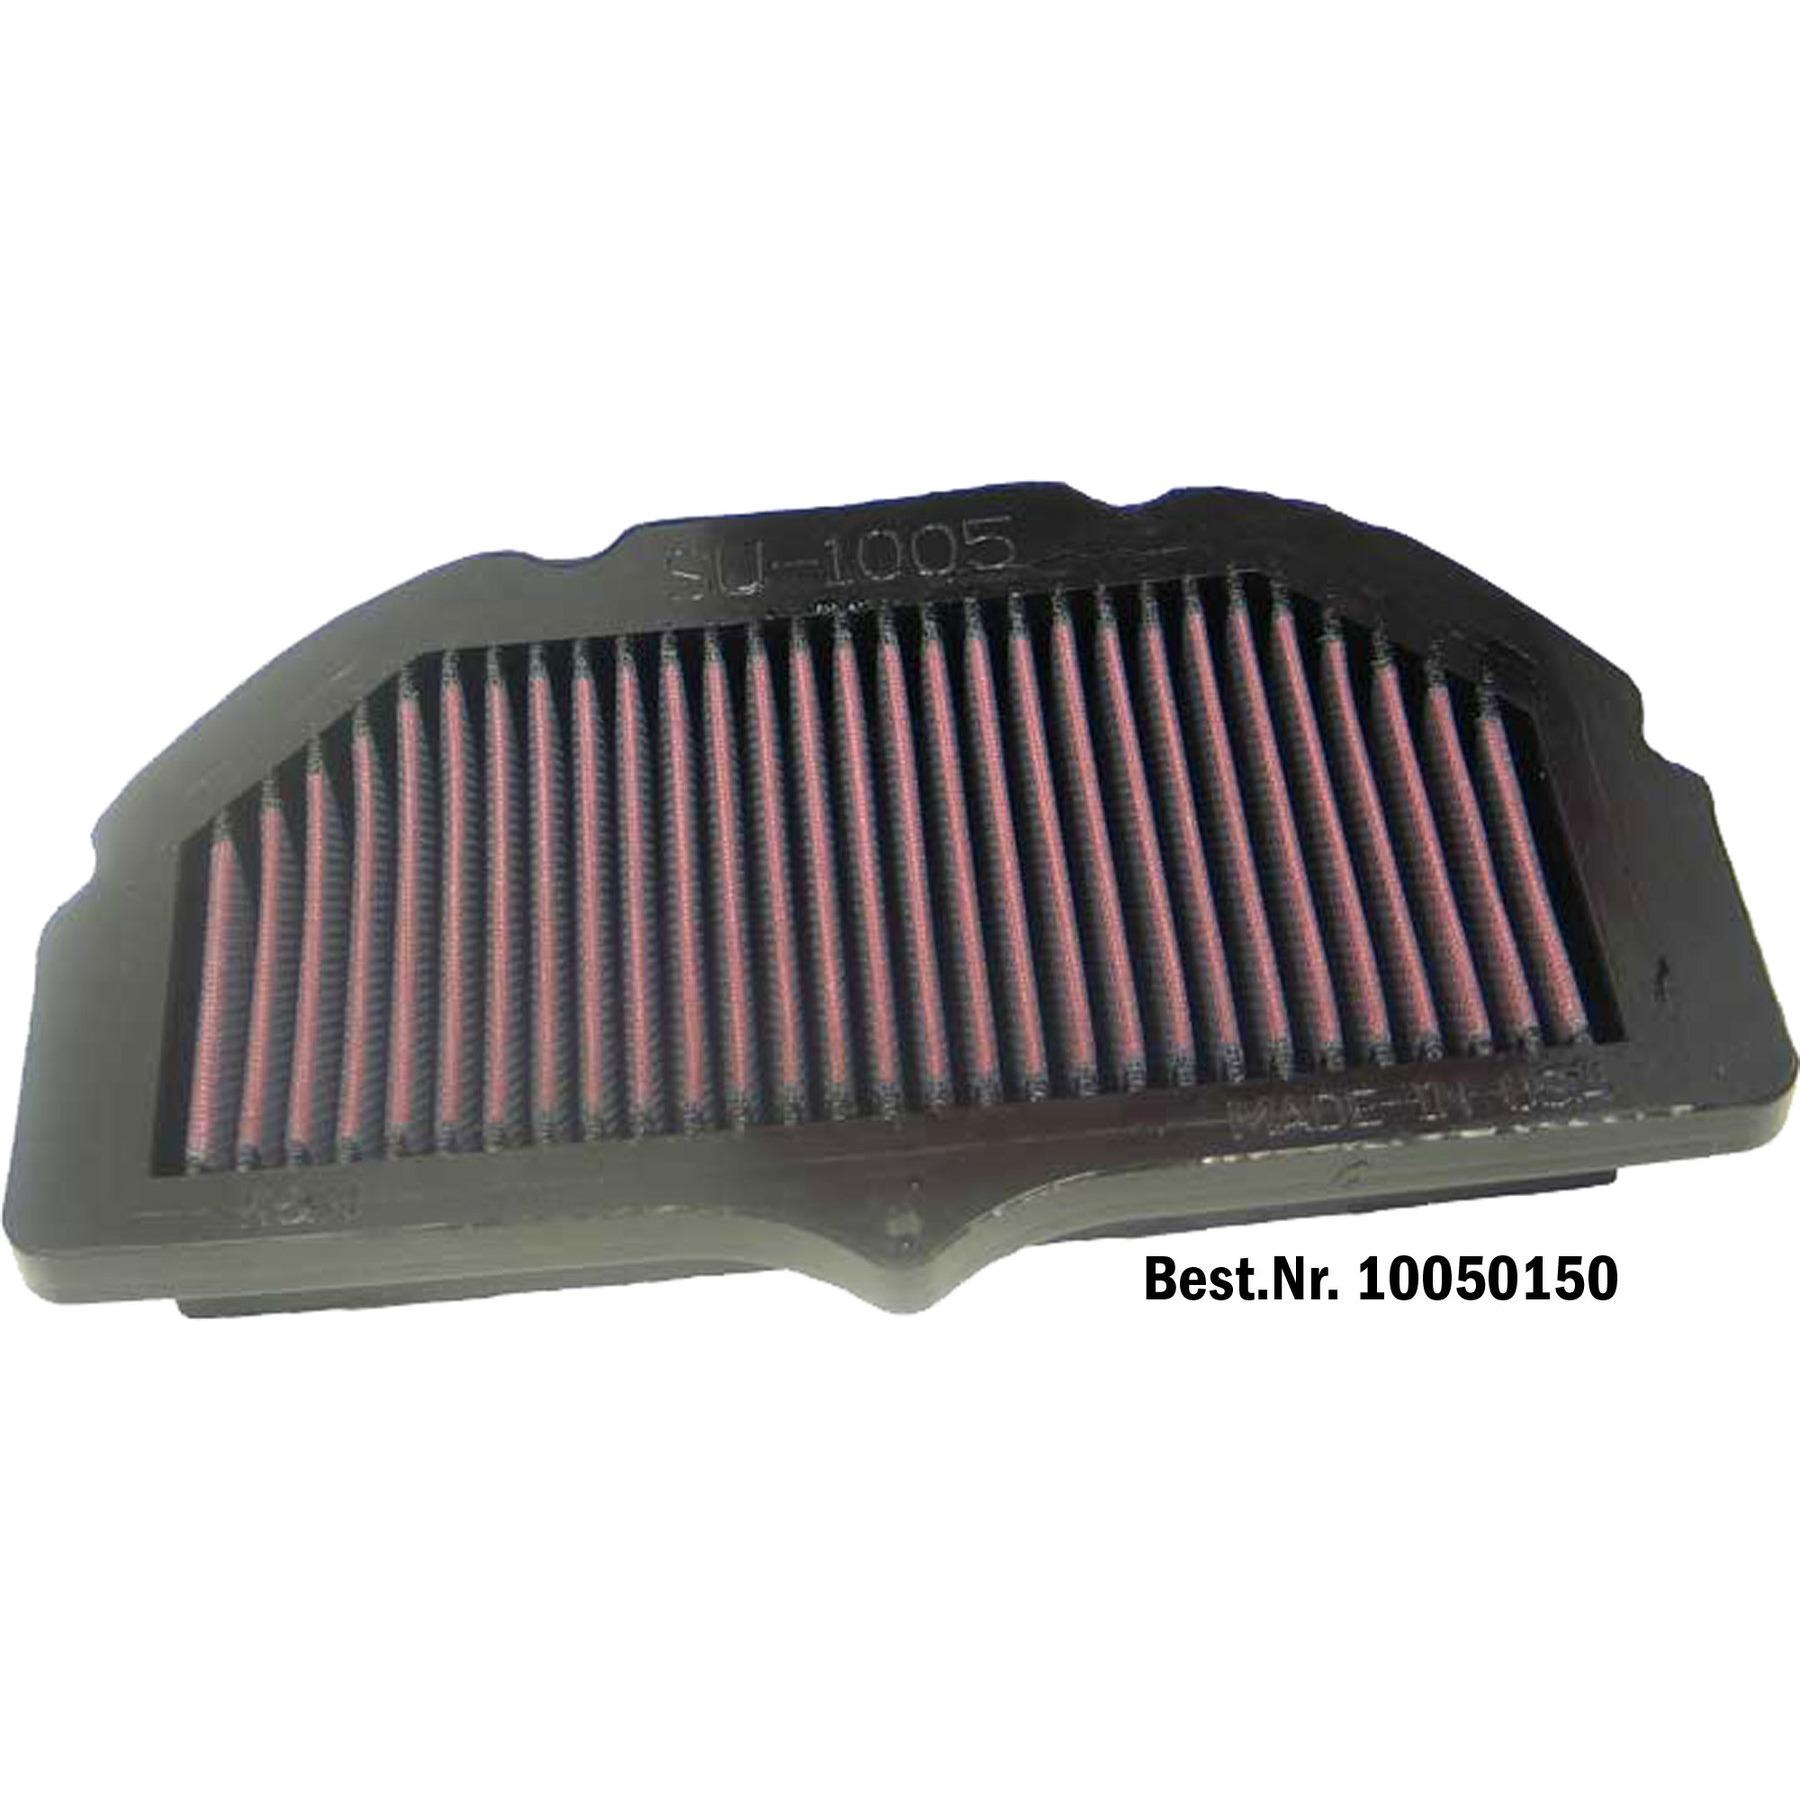 K/&N Air Filter For Suzuki 2007 GSX-R1000 K7